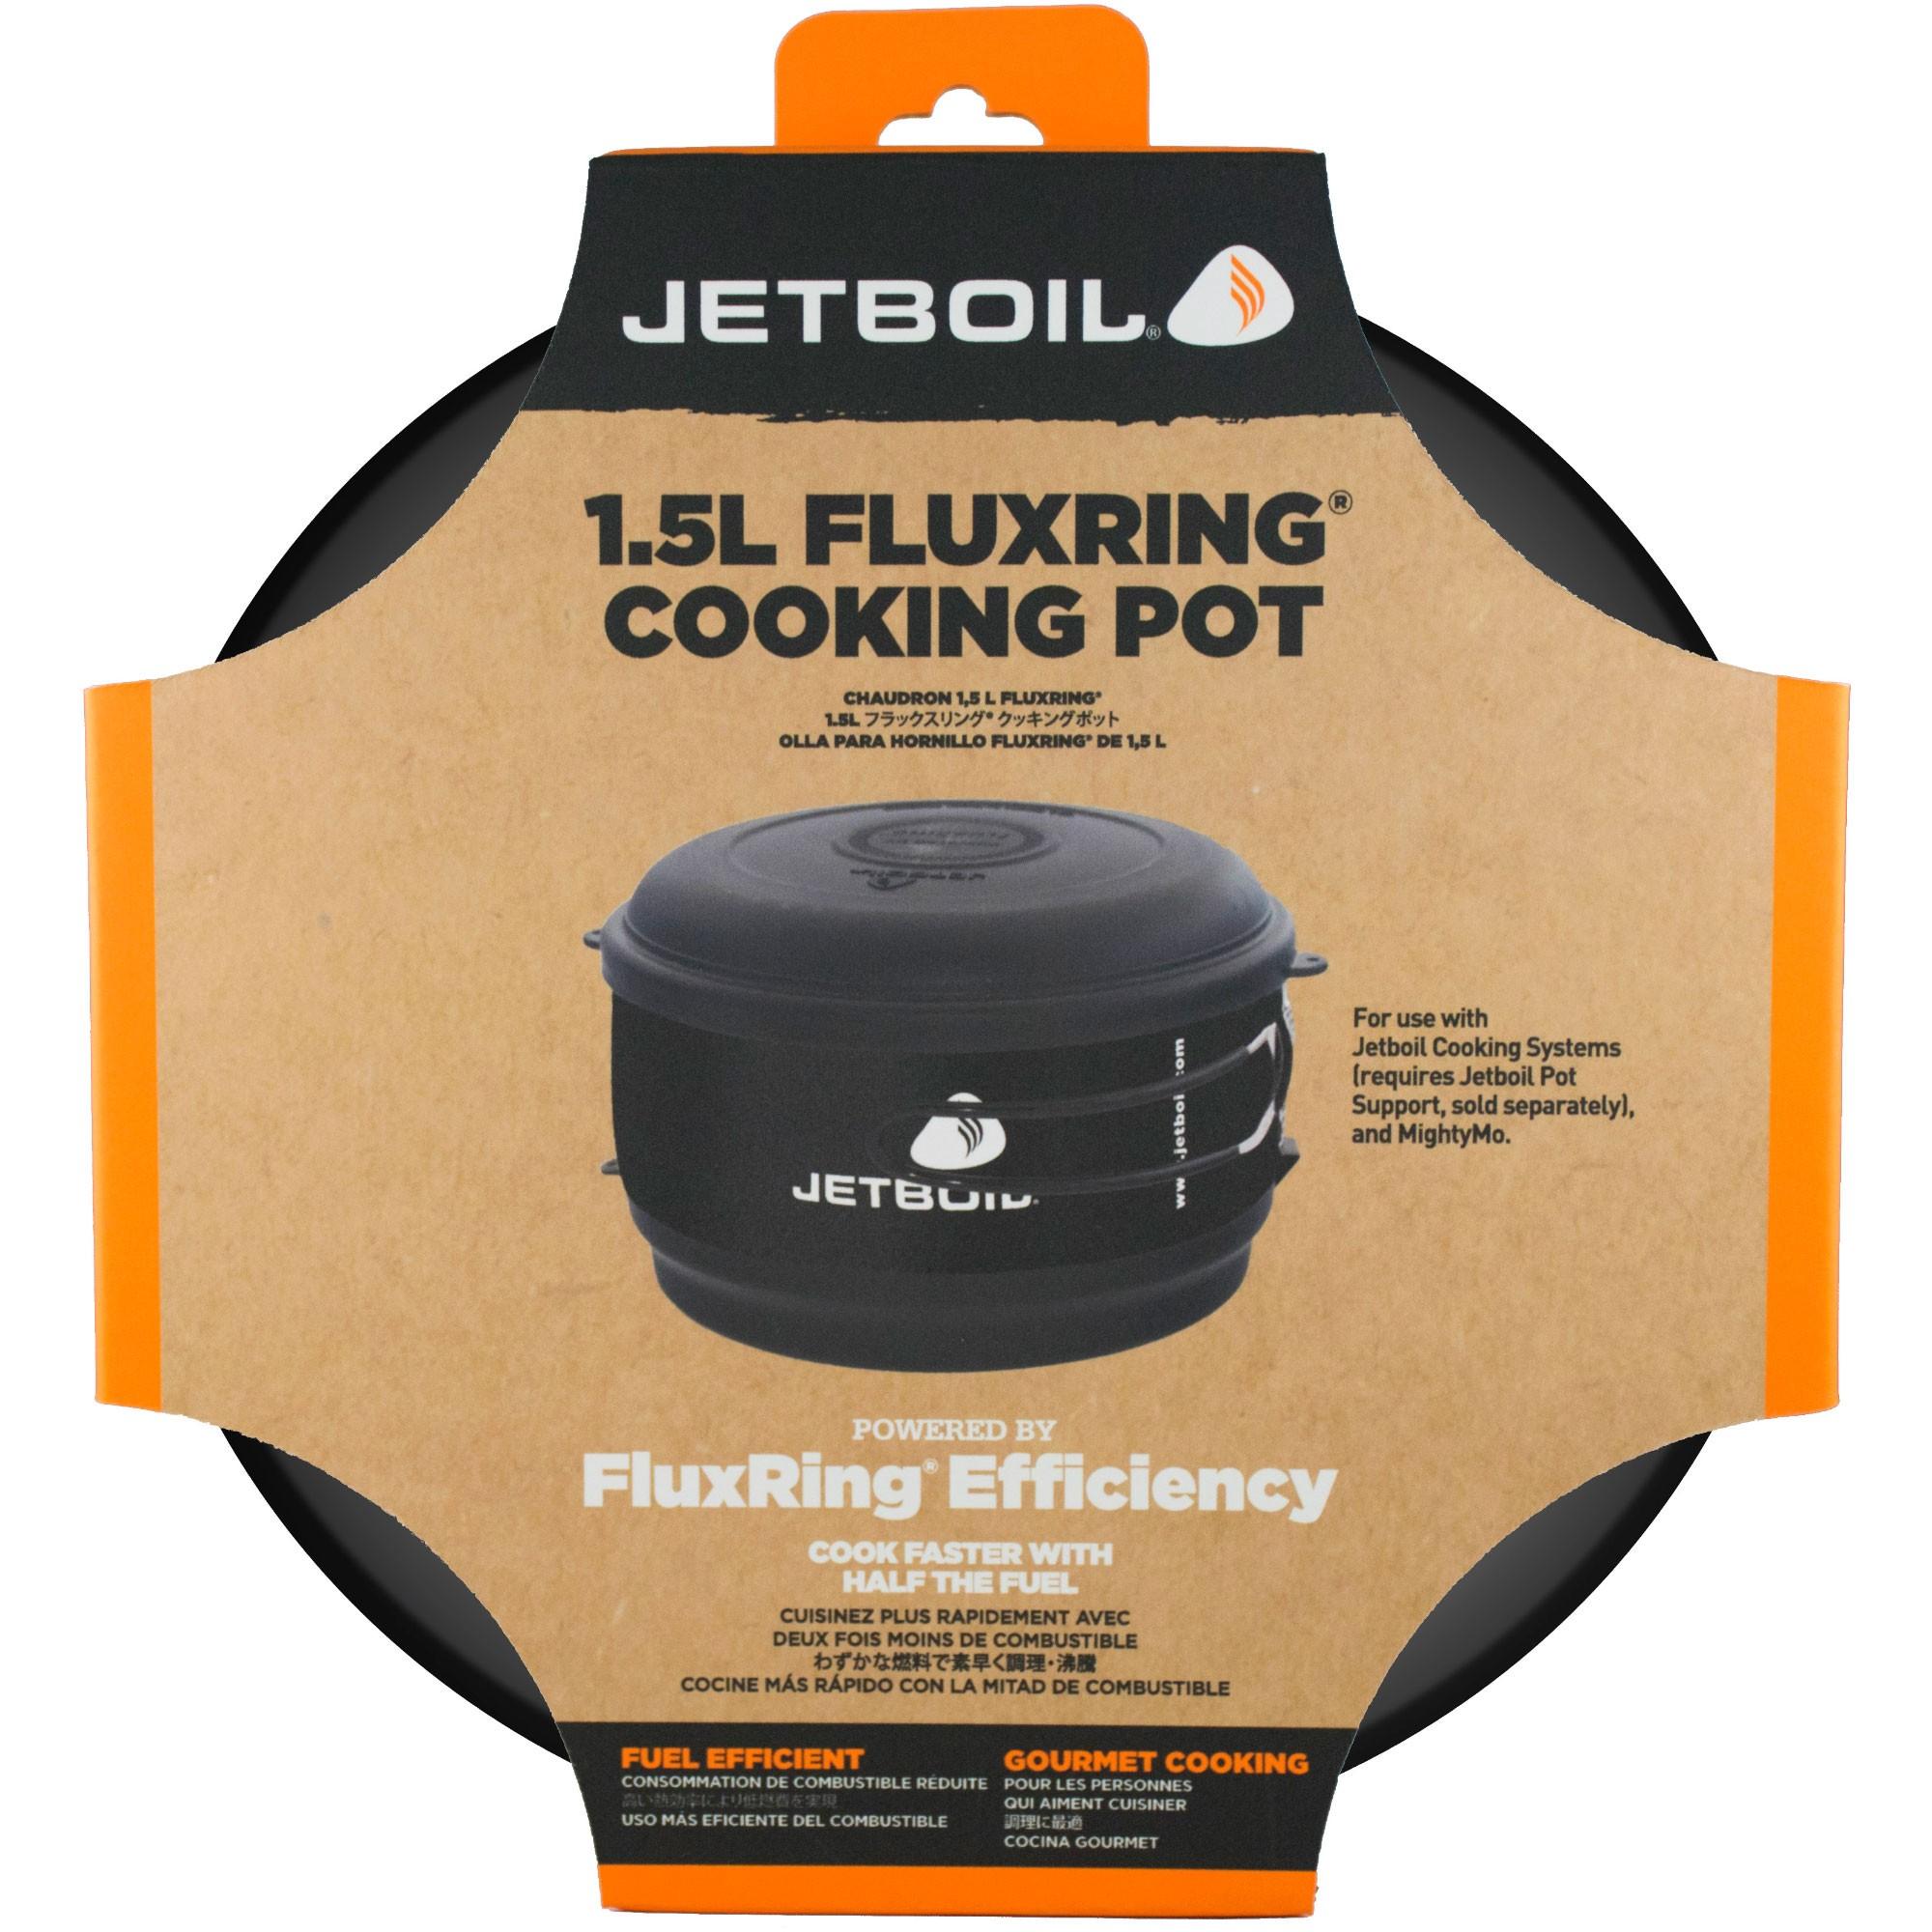 Jetboil FluxRing 1.5l Cooking Pot Black